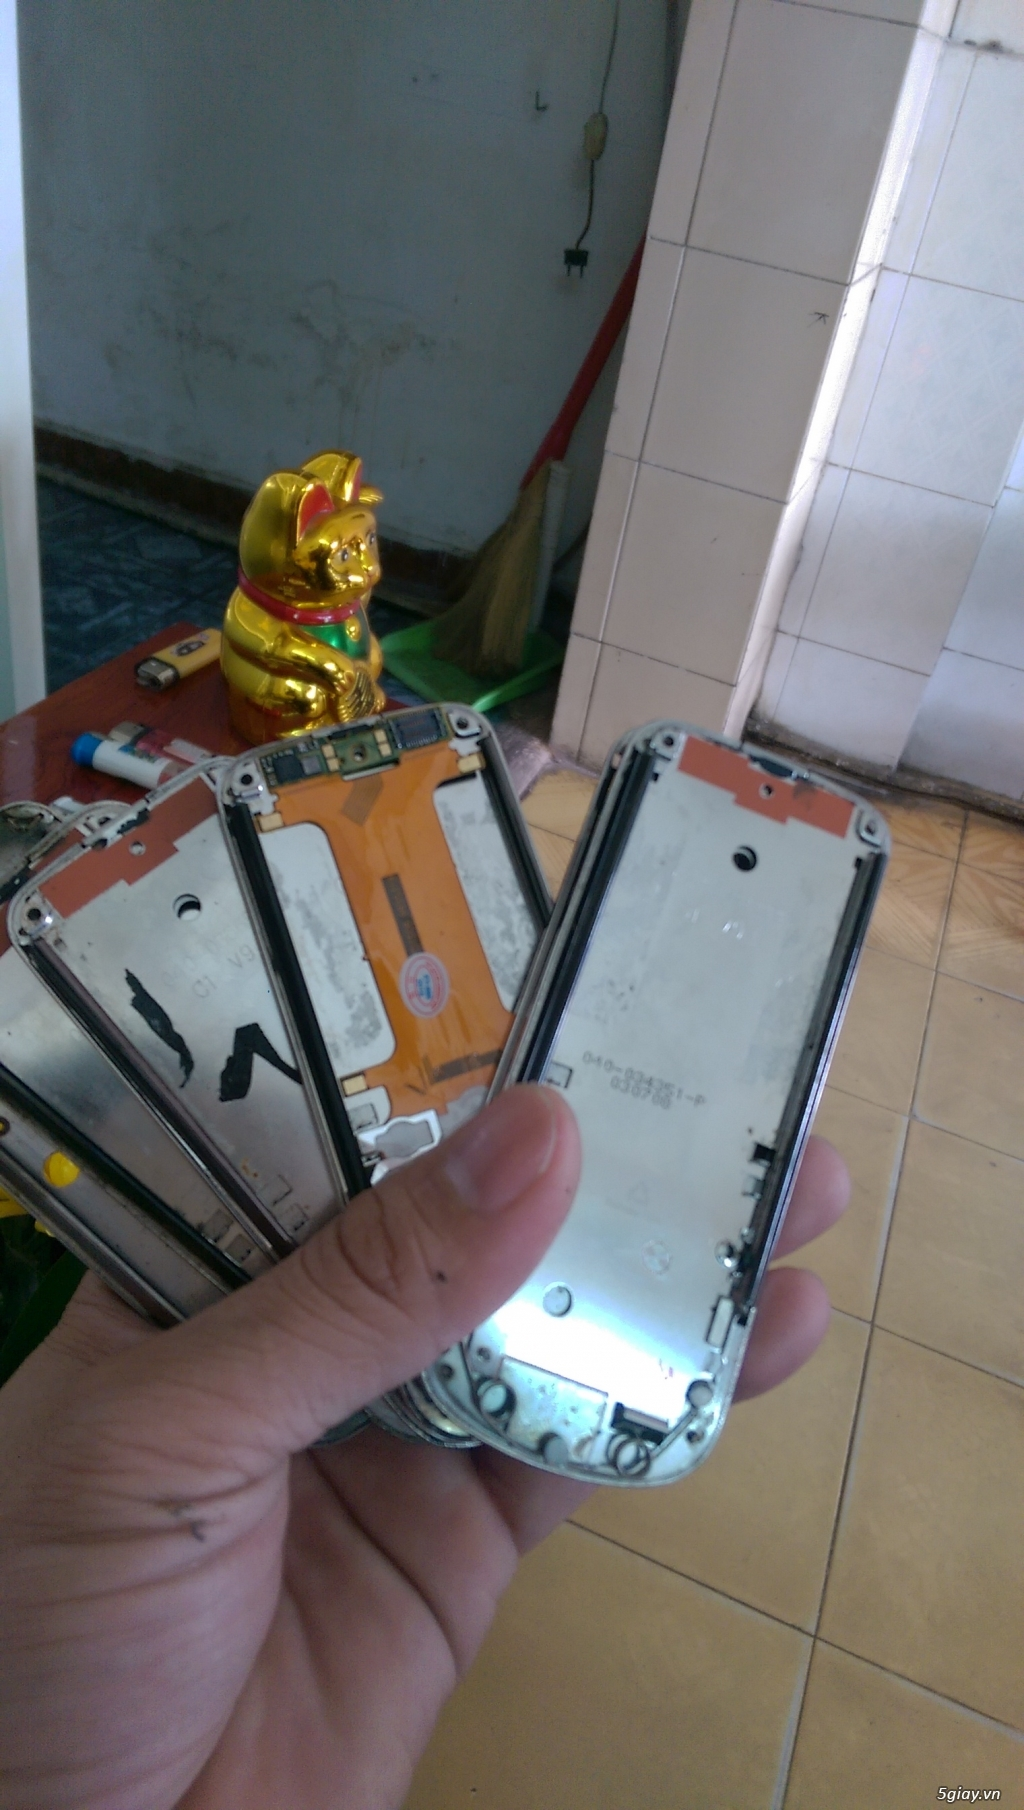 Nokia 8800,8600,6700... - 9